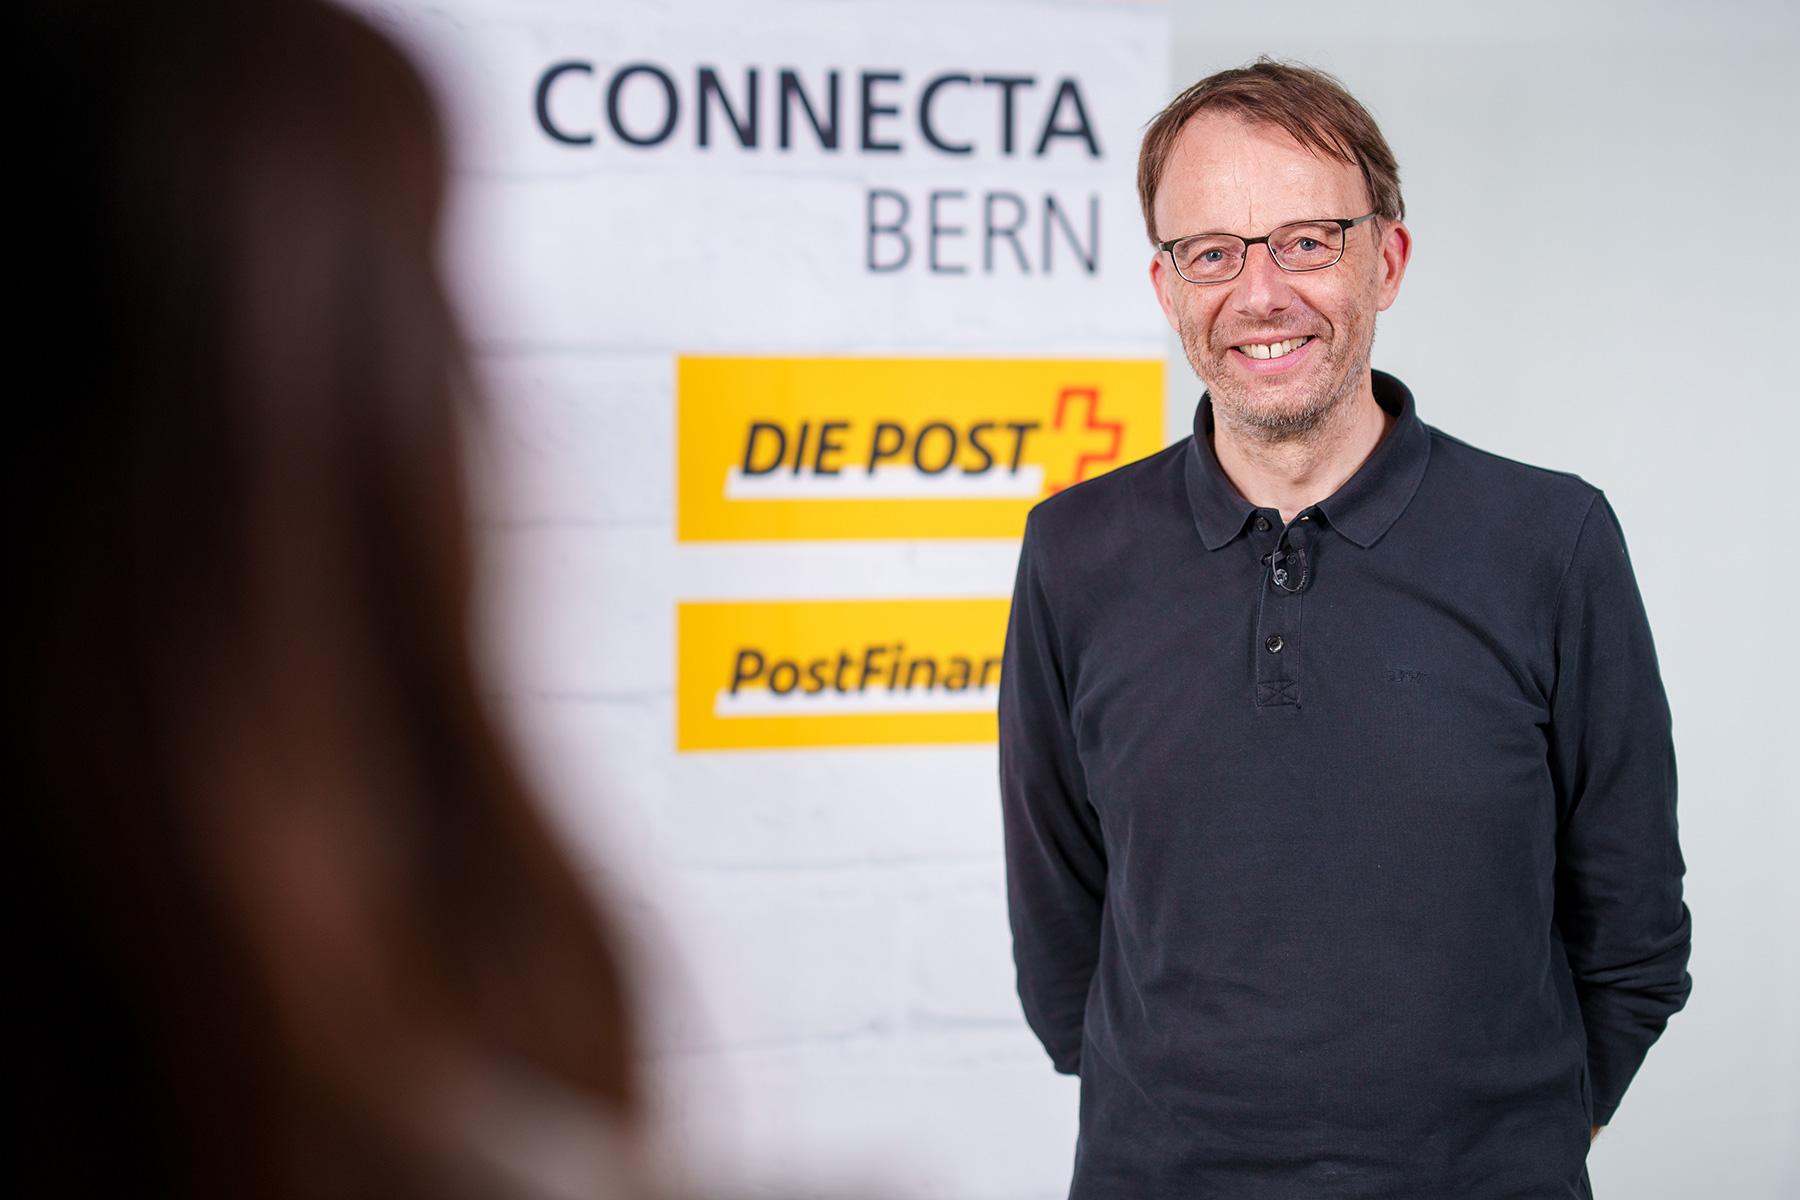 Der Weg zur Kundenzentrierung – Connecta Talk mit Jan-Erik Baars